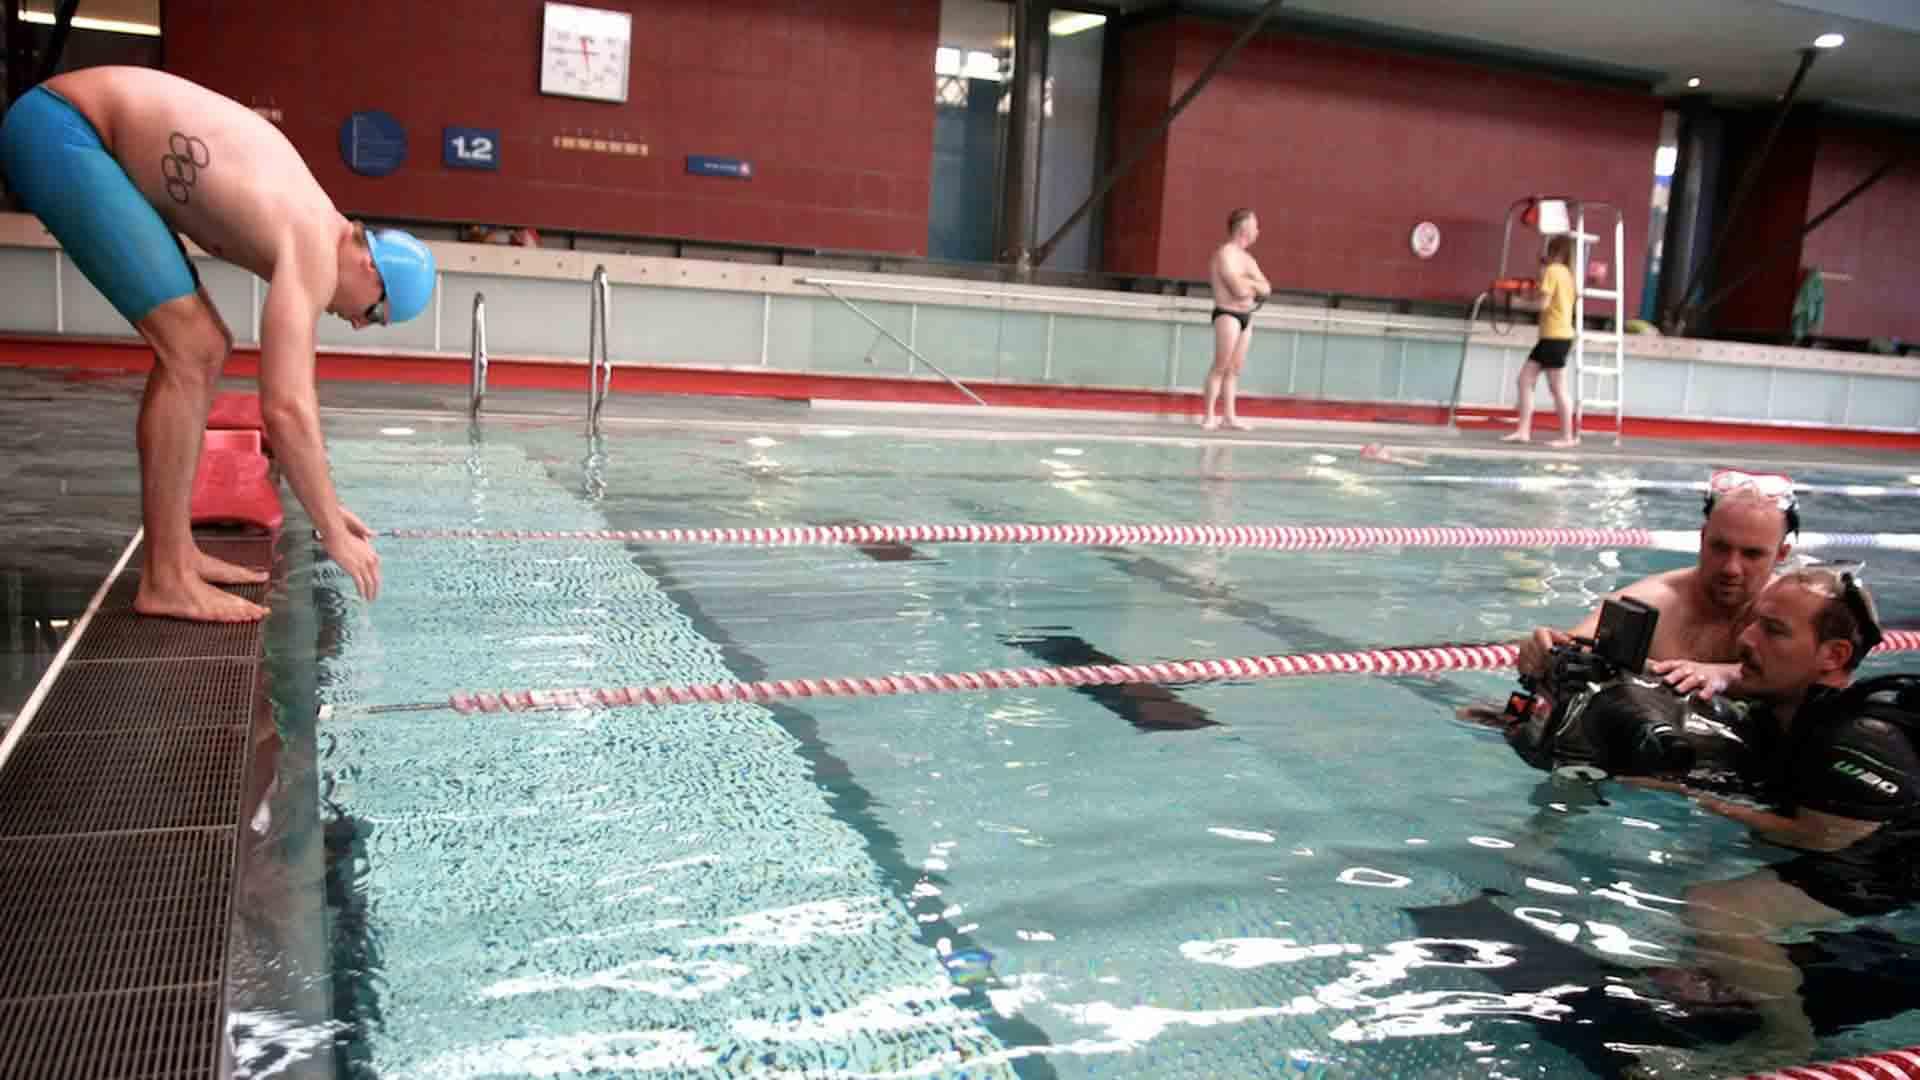 Das Bild zeigt ein Schwimmbecken in einem Schwimmbad. Am Beckenrand steht ein Mann in blauer Badehose. Auf seinen Rippen ist ein Tattoo, dass die Olympiaringe abbildet. Vor ihm im Wasser stehen zwei Männer. Sie filmen ihn. Einer von den beiden trägt einen Taucheranzug. Am Beckengrand im Hintergrund stehen zwei Männer, man erkennt sie jedoch nicht. Das Bild dient als Sliderbild für den Portfolioeintrag Speedo – Marketing- und PR-Film von Panda Pictures.